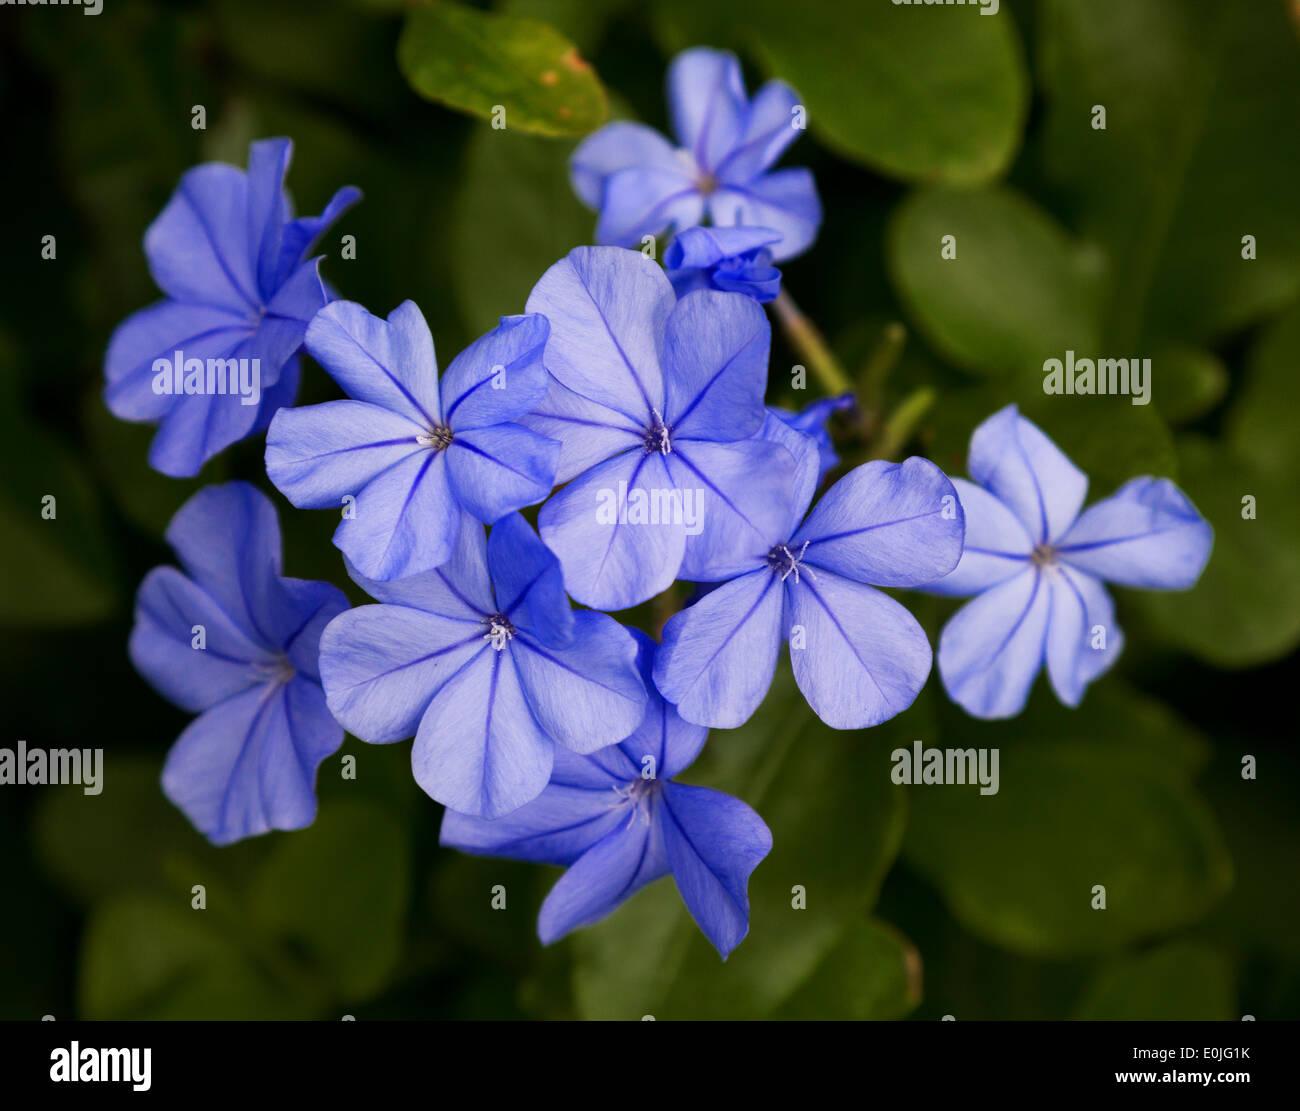 Hawaiian flower stock photos hawaiian flower stock images alamy exotic hawaiian flower found on kauai hawaii stock image izmirmasajfo Images